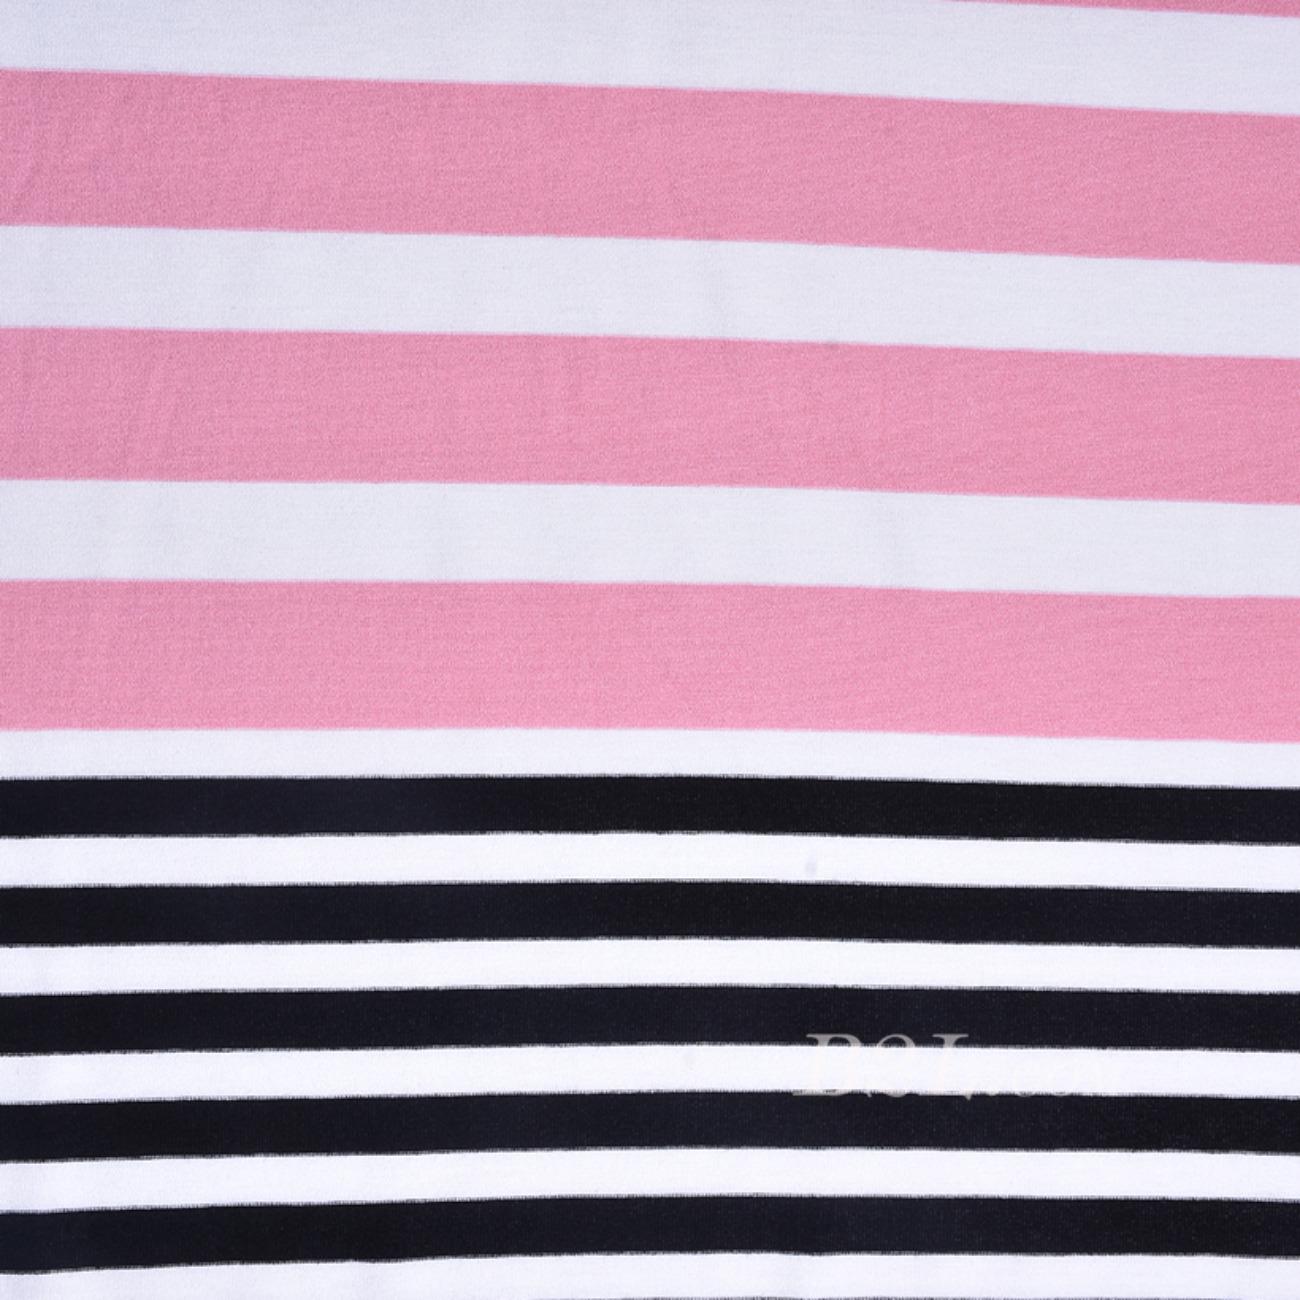 条子 横条圆机 针织 纬编 T恤 针织衫 连衣裙 棉感 弹力 定位 60312-69